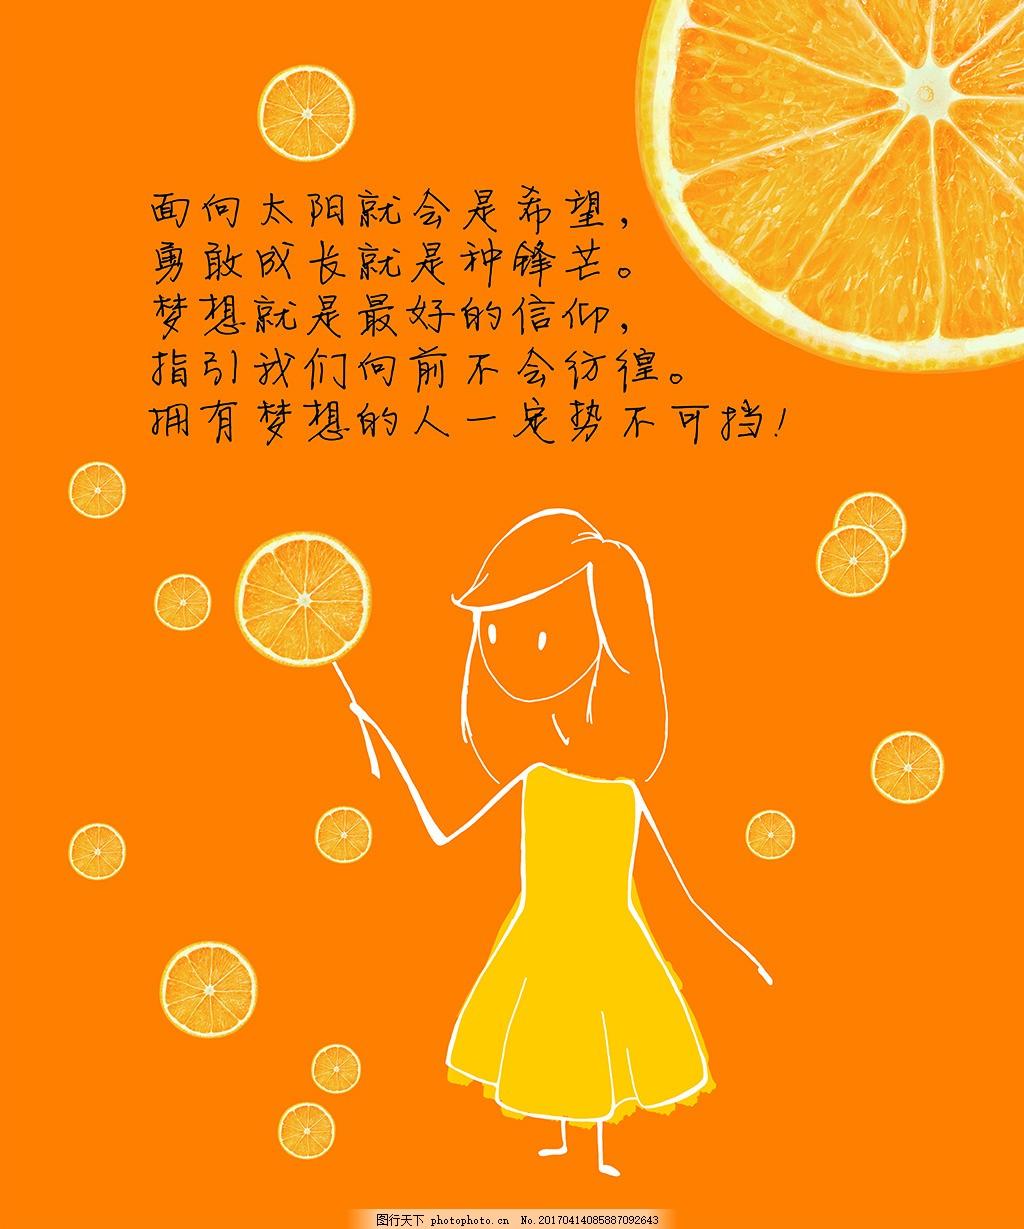 手绘人物海报 手绘人物 水果 水吧用 小清新风格 颜色鲜艳